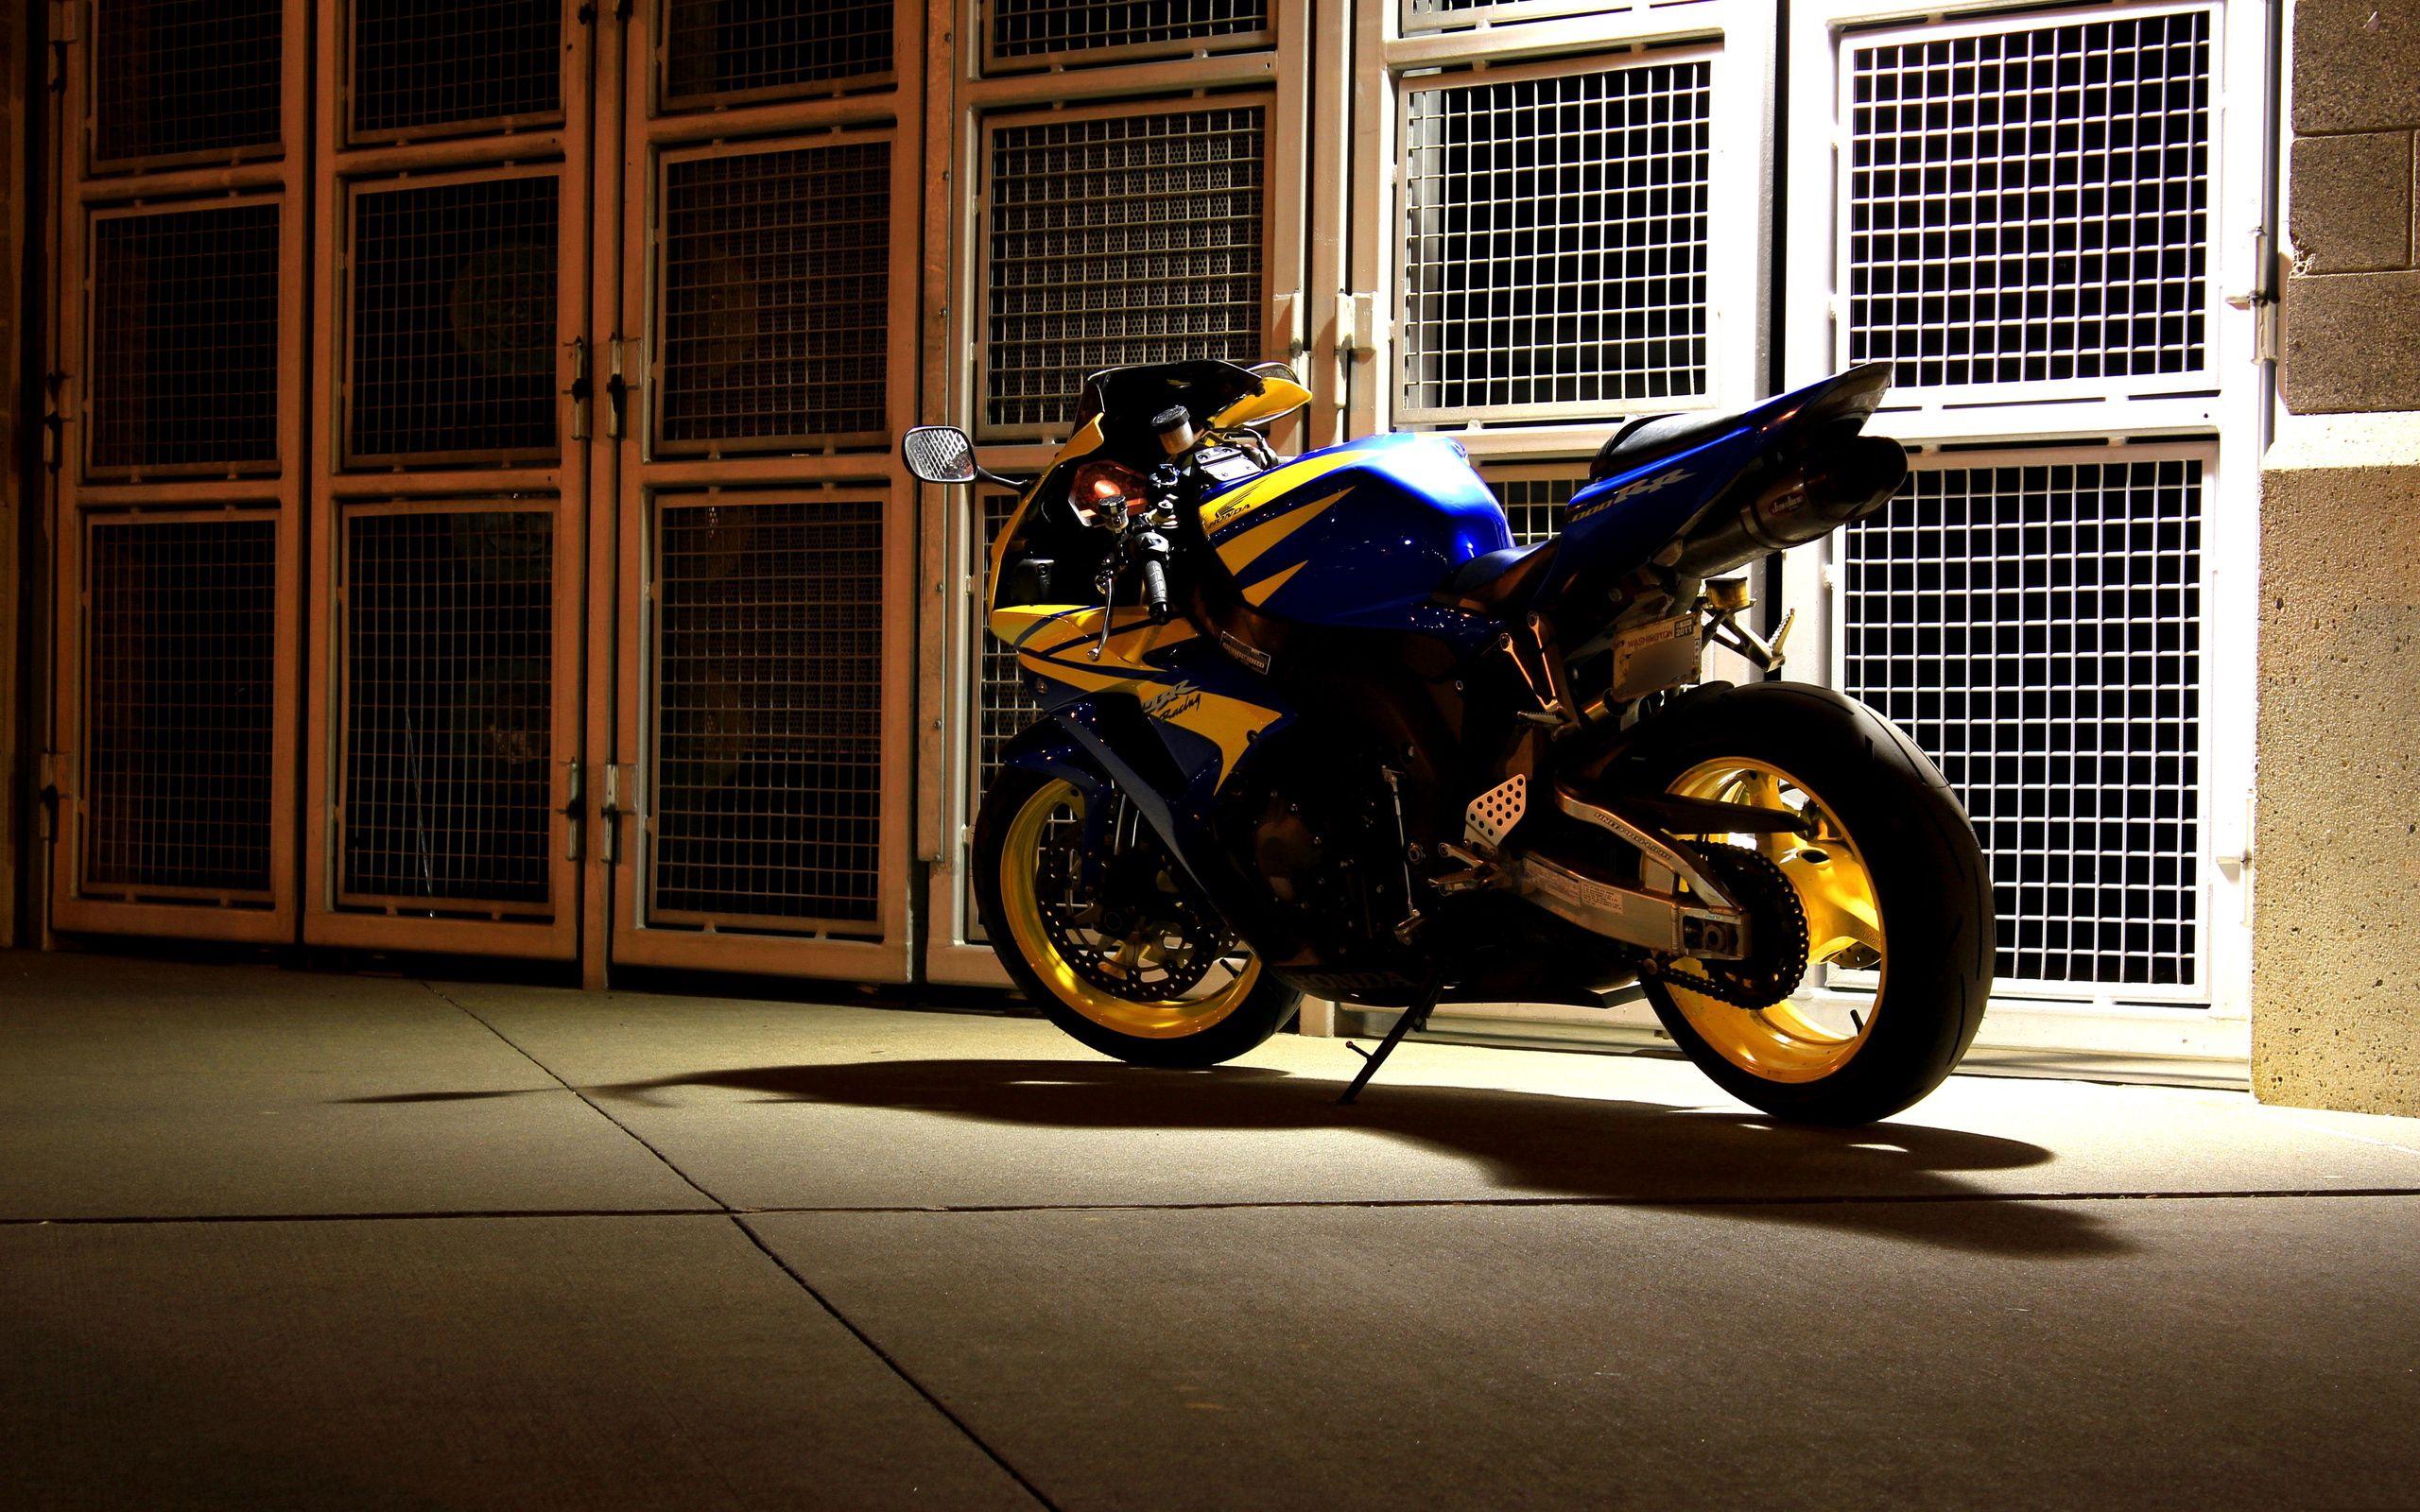 74775 Заставки и Обои Мотоциклы на телефон. Скачать Мотоциклы, Ночь, Мотоцикл, Двор картинки бесплатно